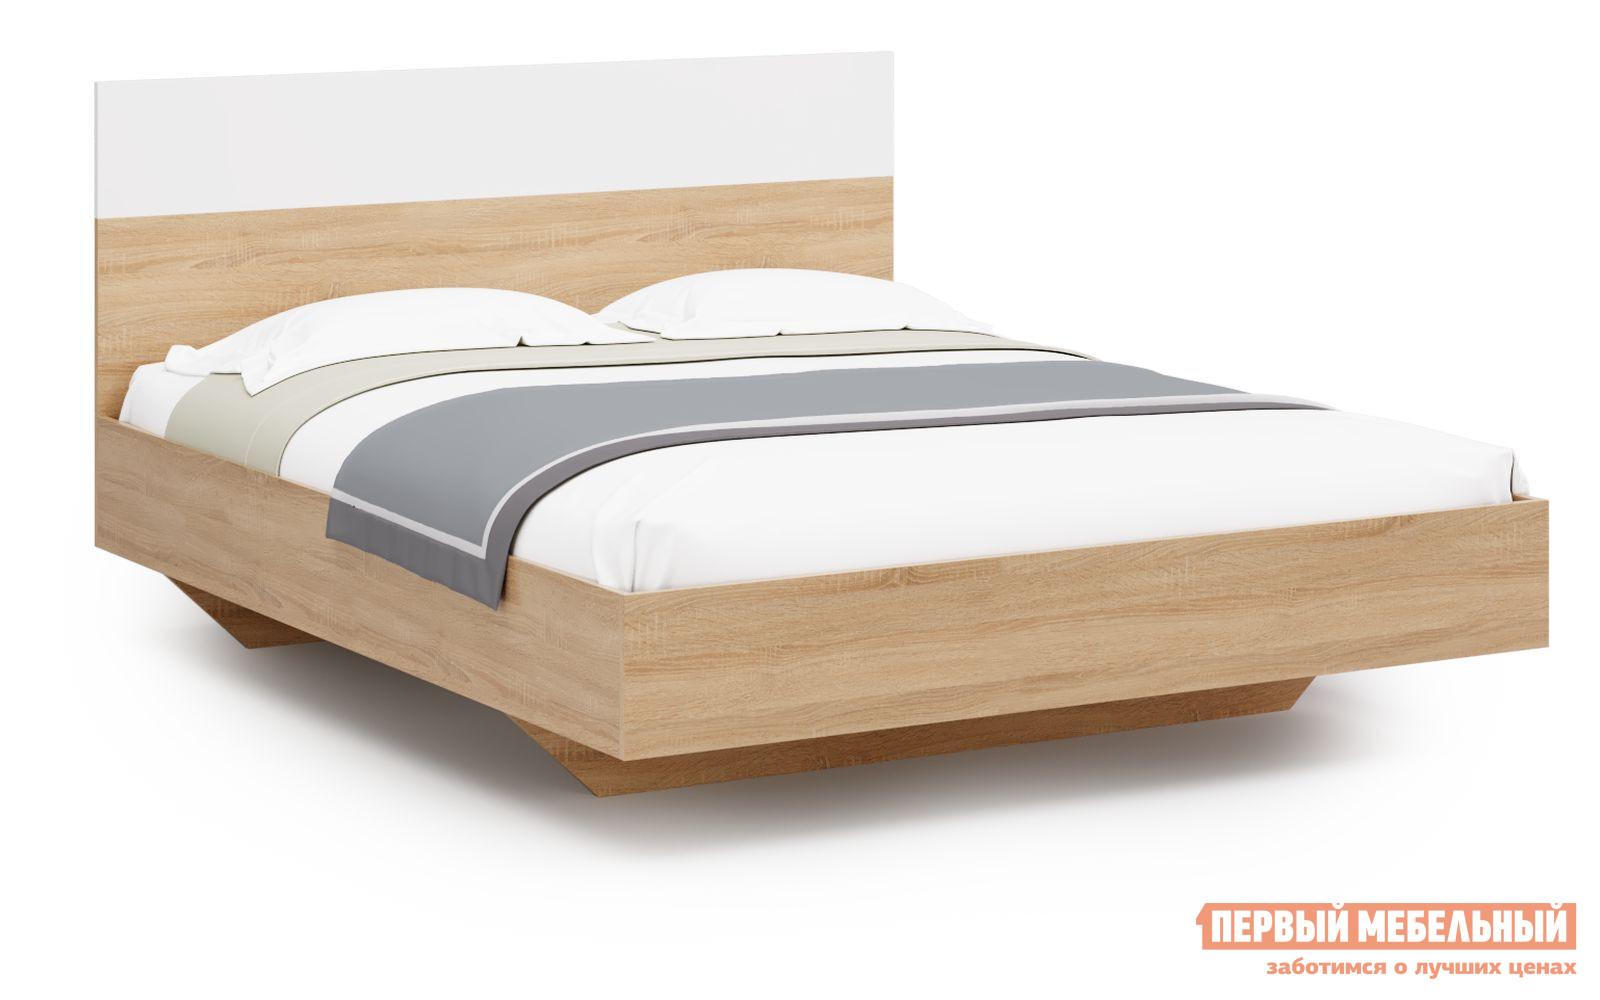 Двуспальная кровать Первый Мебельный Кровать Даллас